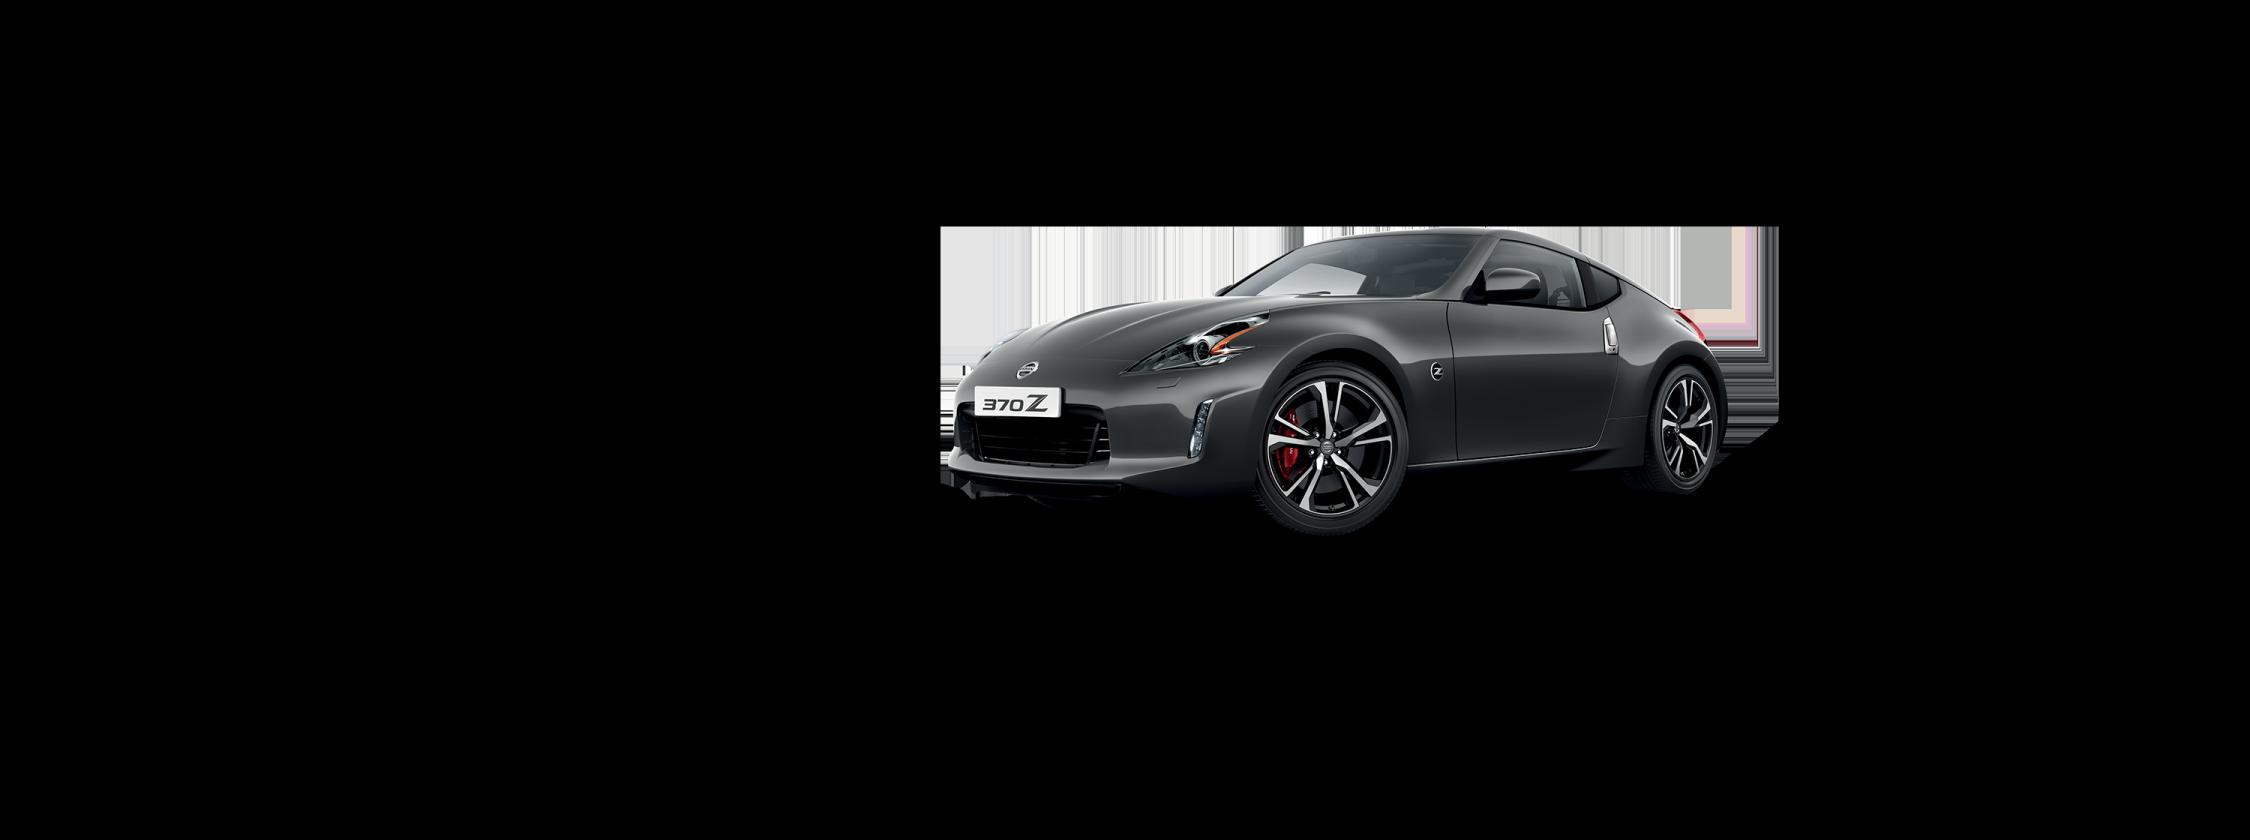 1fe24443903882 Nissan 370Z - Voiture coupé sport   Nissan